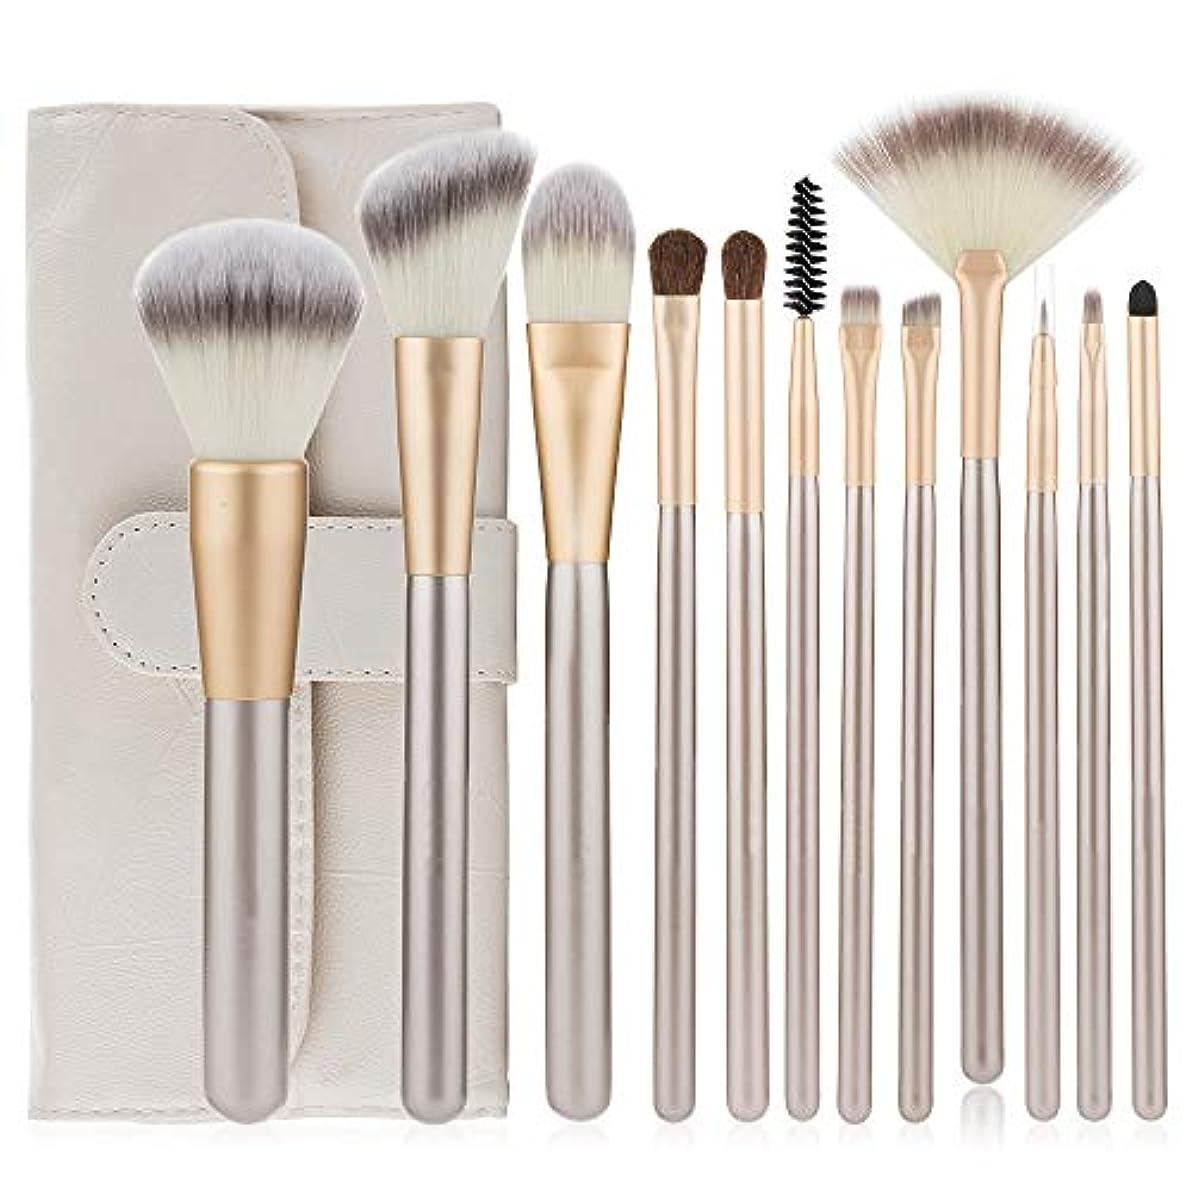 究極の丈夫によって化粧筆 高級天然毛 アイシャドウブラシセット 12本 上質なメイクブラシで魅力的な目元を 化粧ブラシブラシキットプロの化粧品で化粧キット (シャンパン)